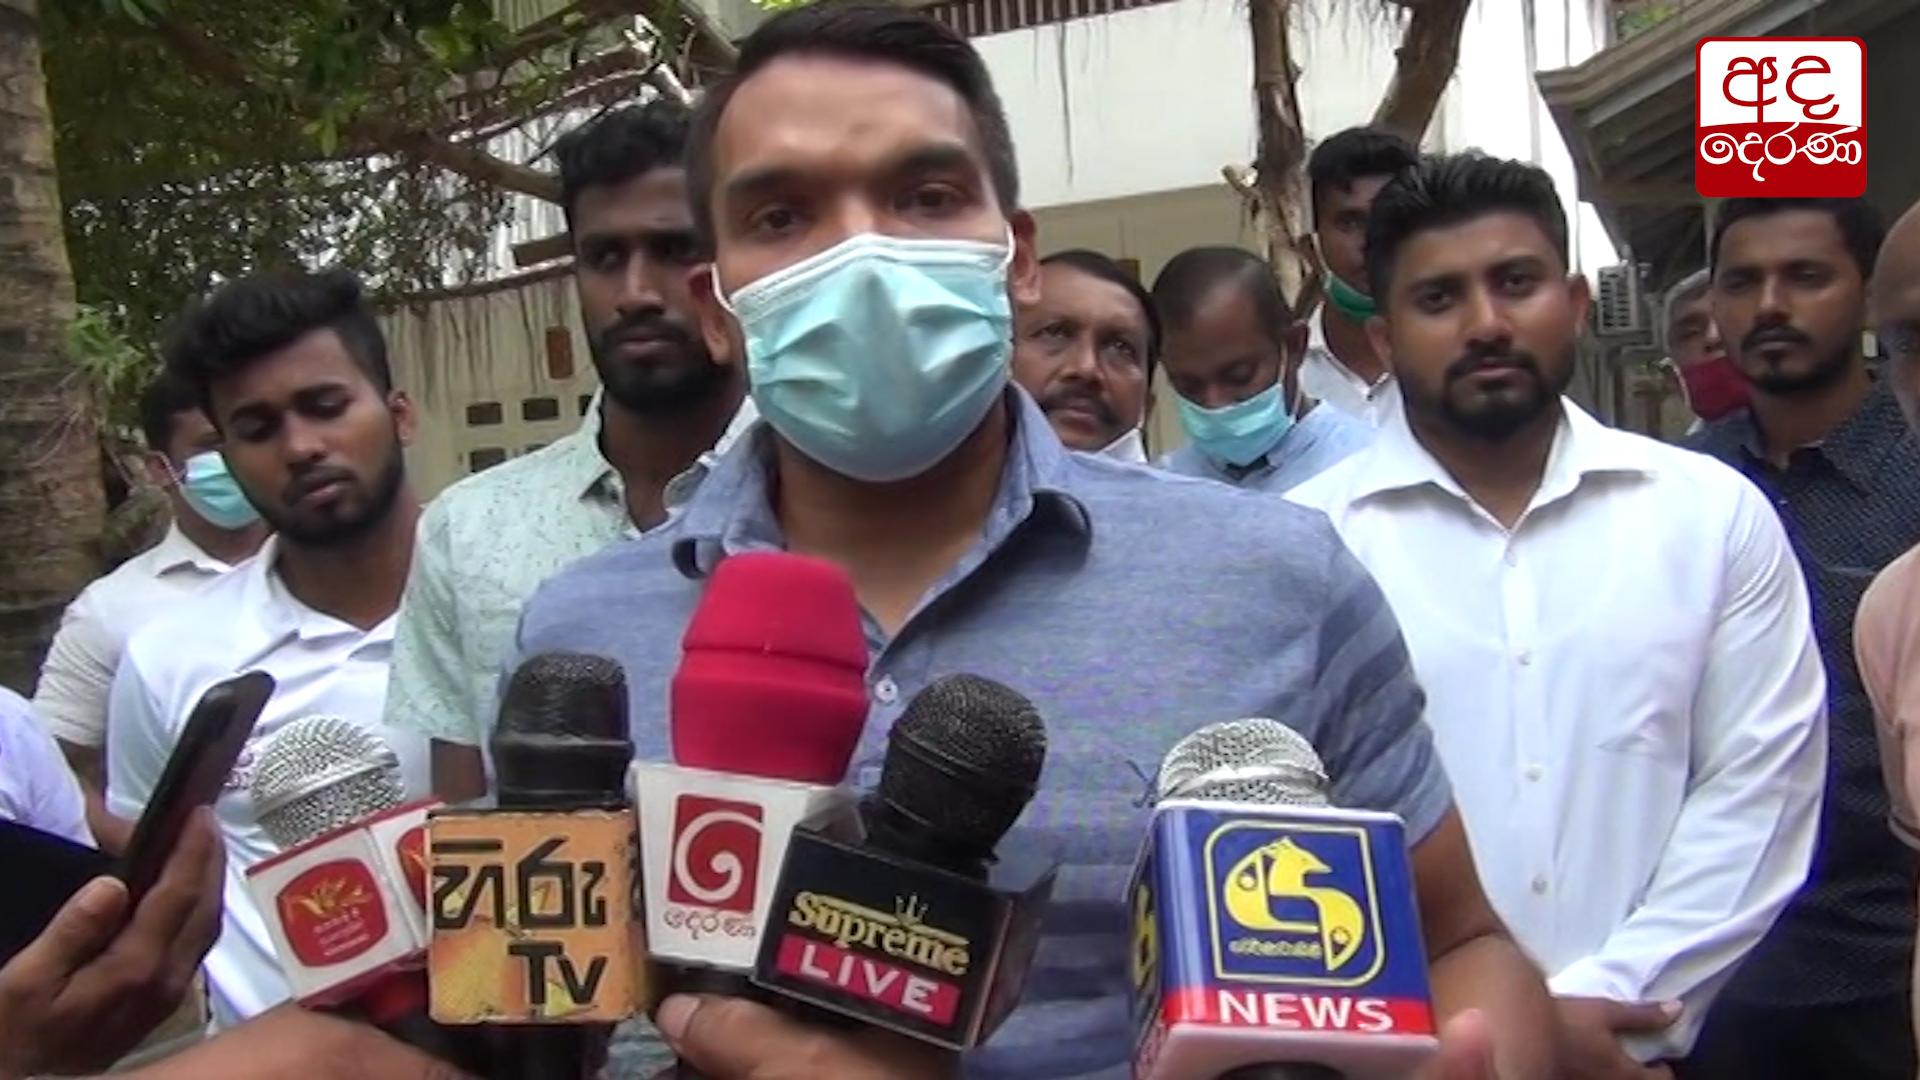 No intention of privatizing lands of forest conservation - Namal Rajapaksa